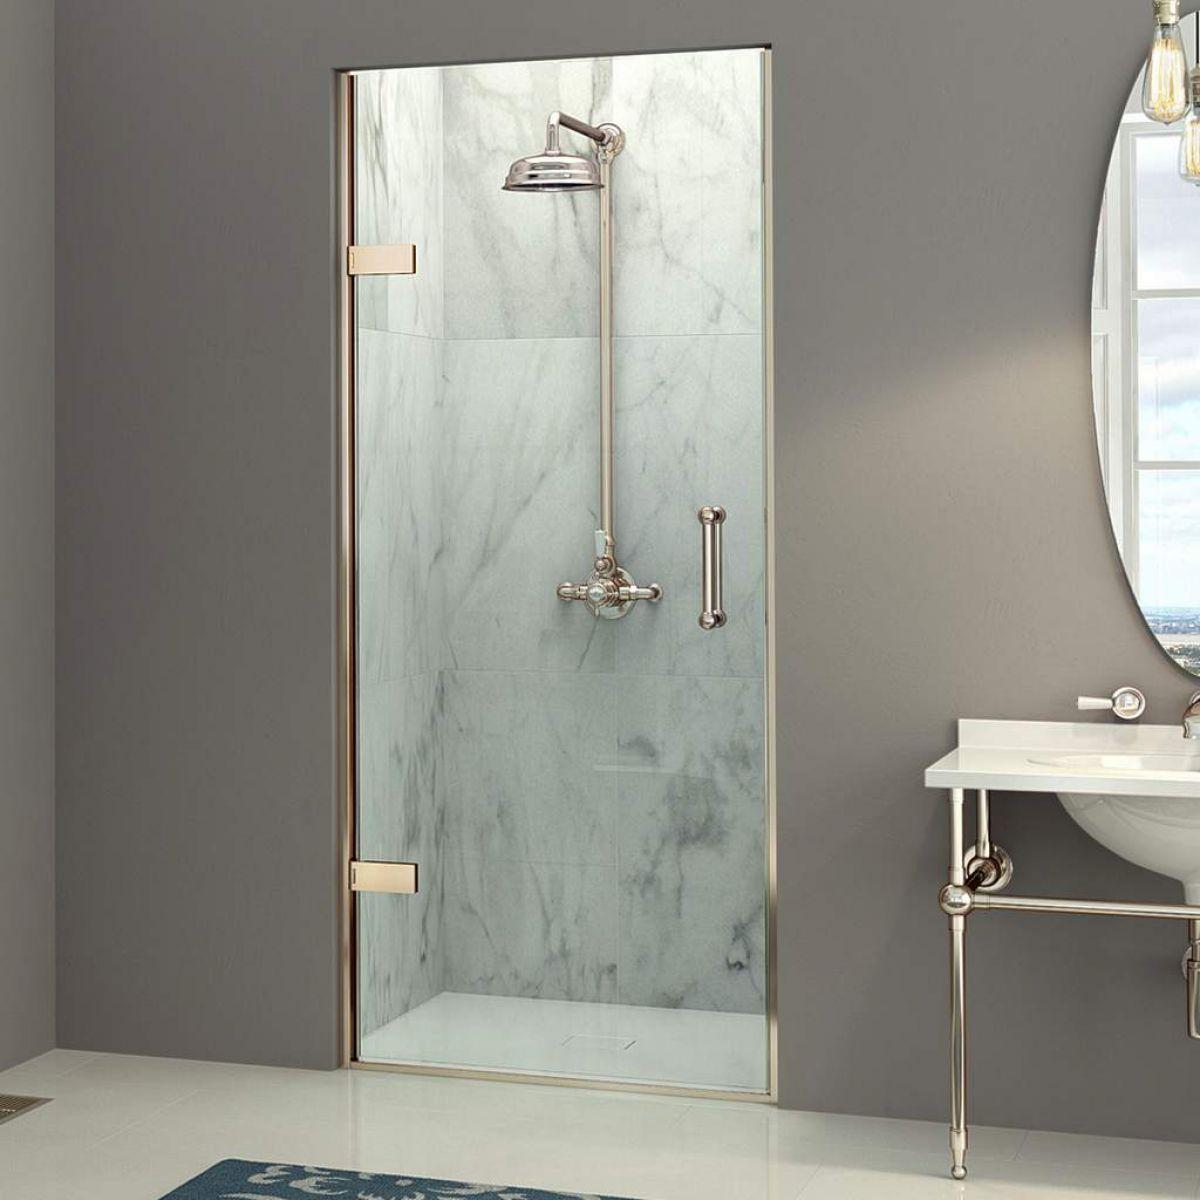 Matki EauZone Plus Hinged Shower Door for Recess